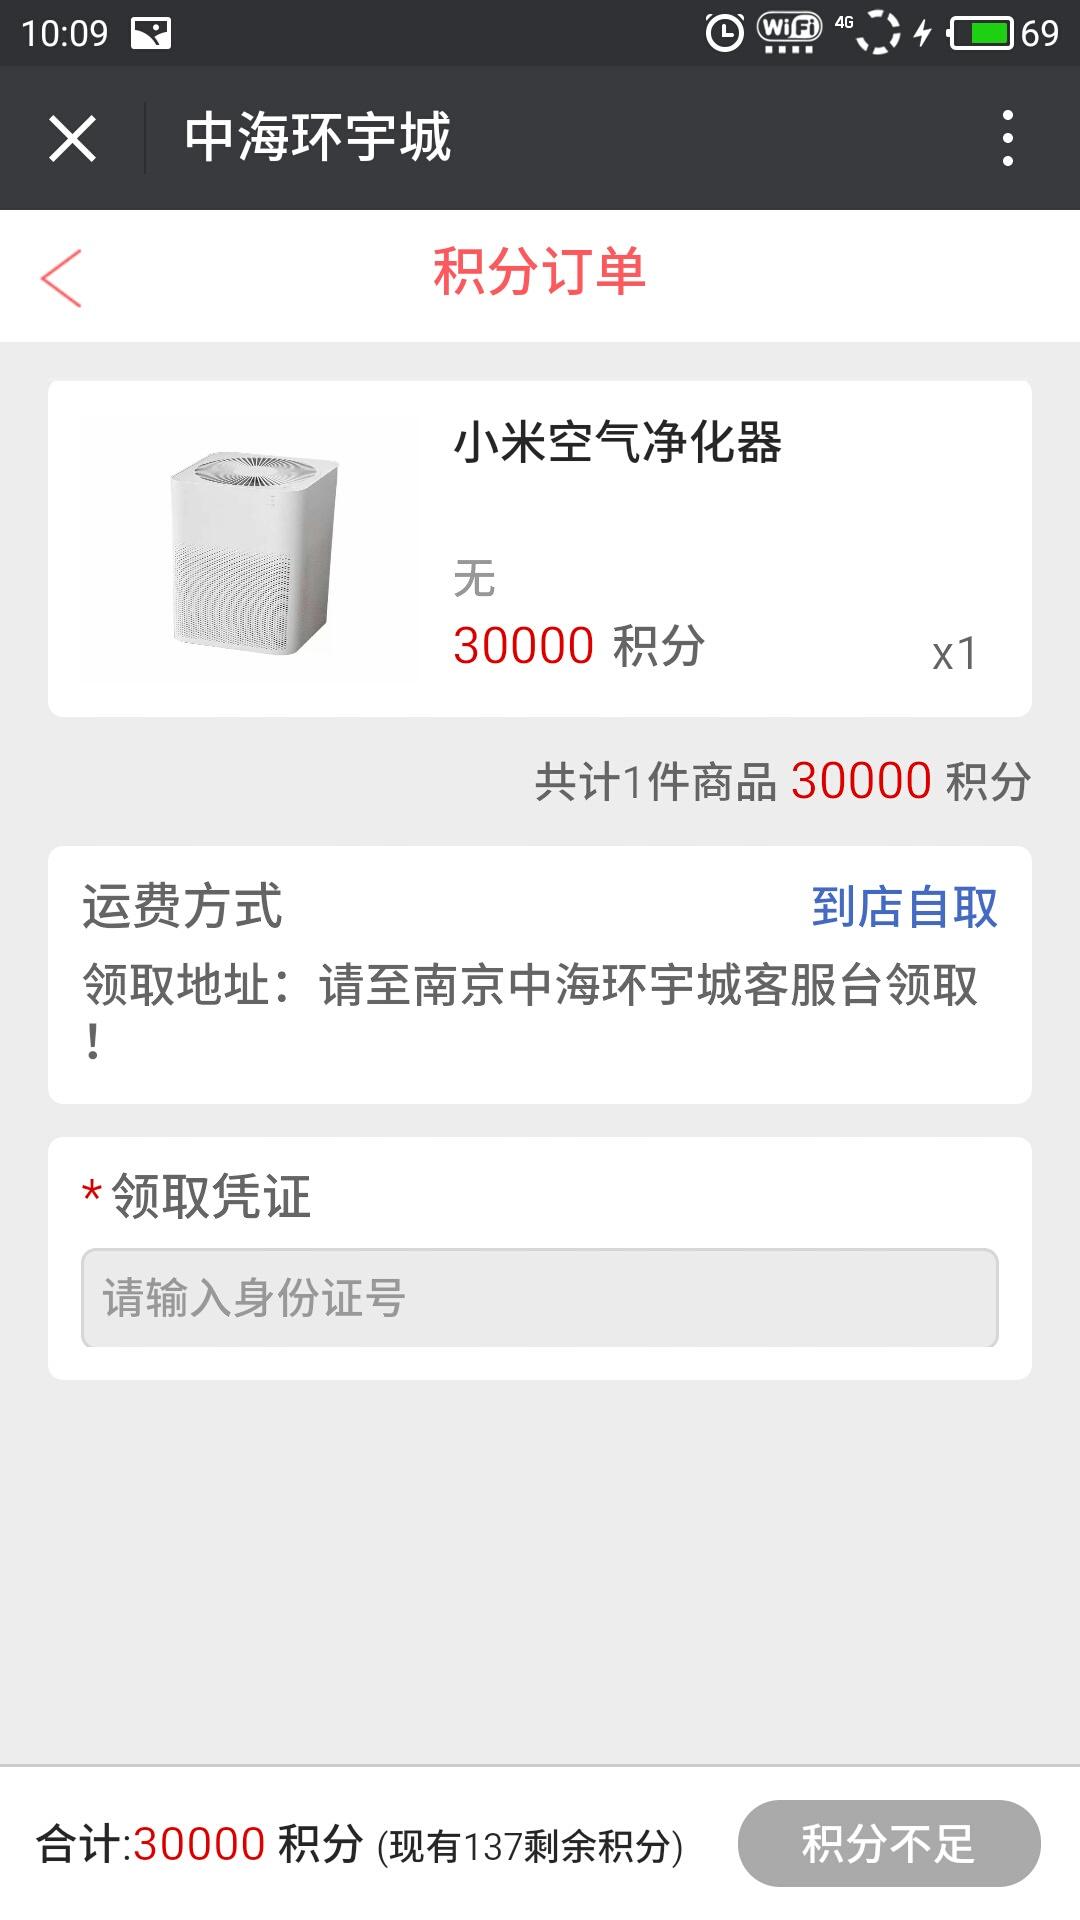 南京环宇城会员福利小程序